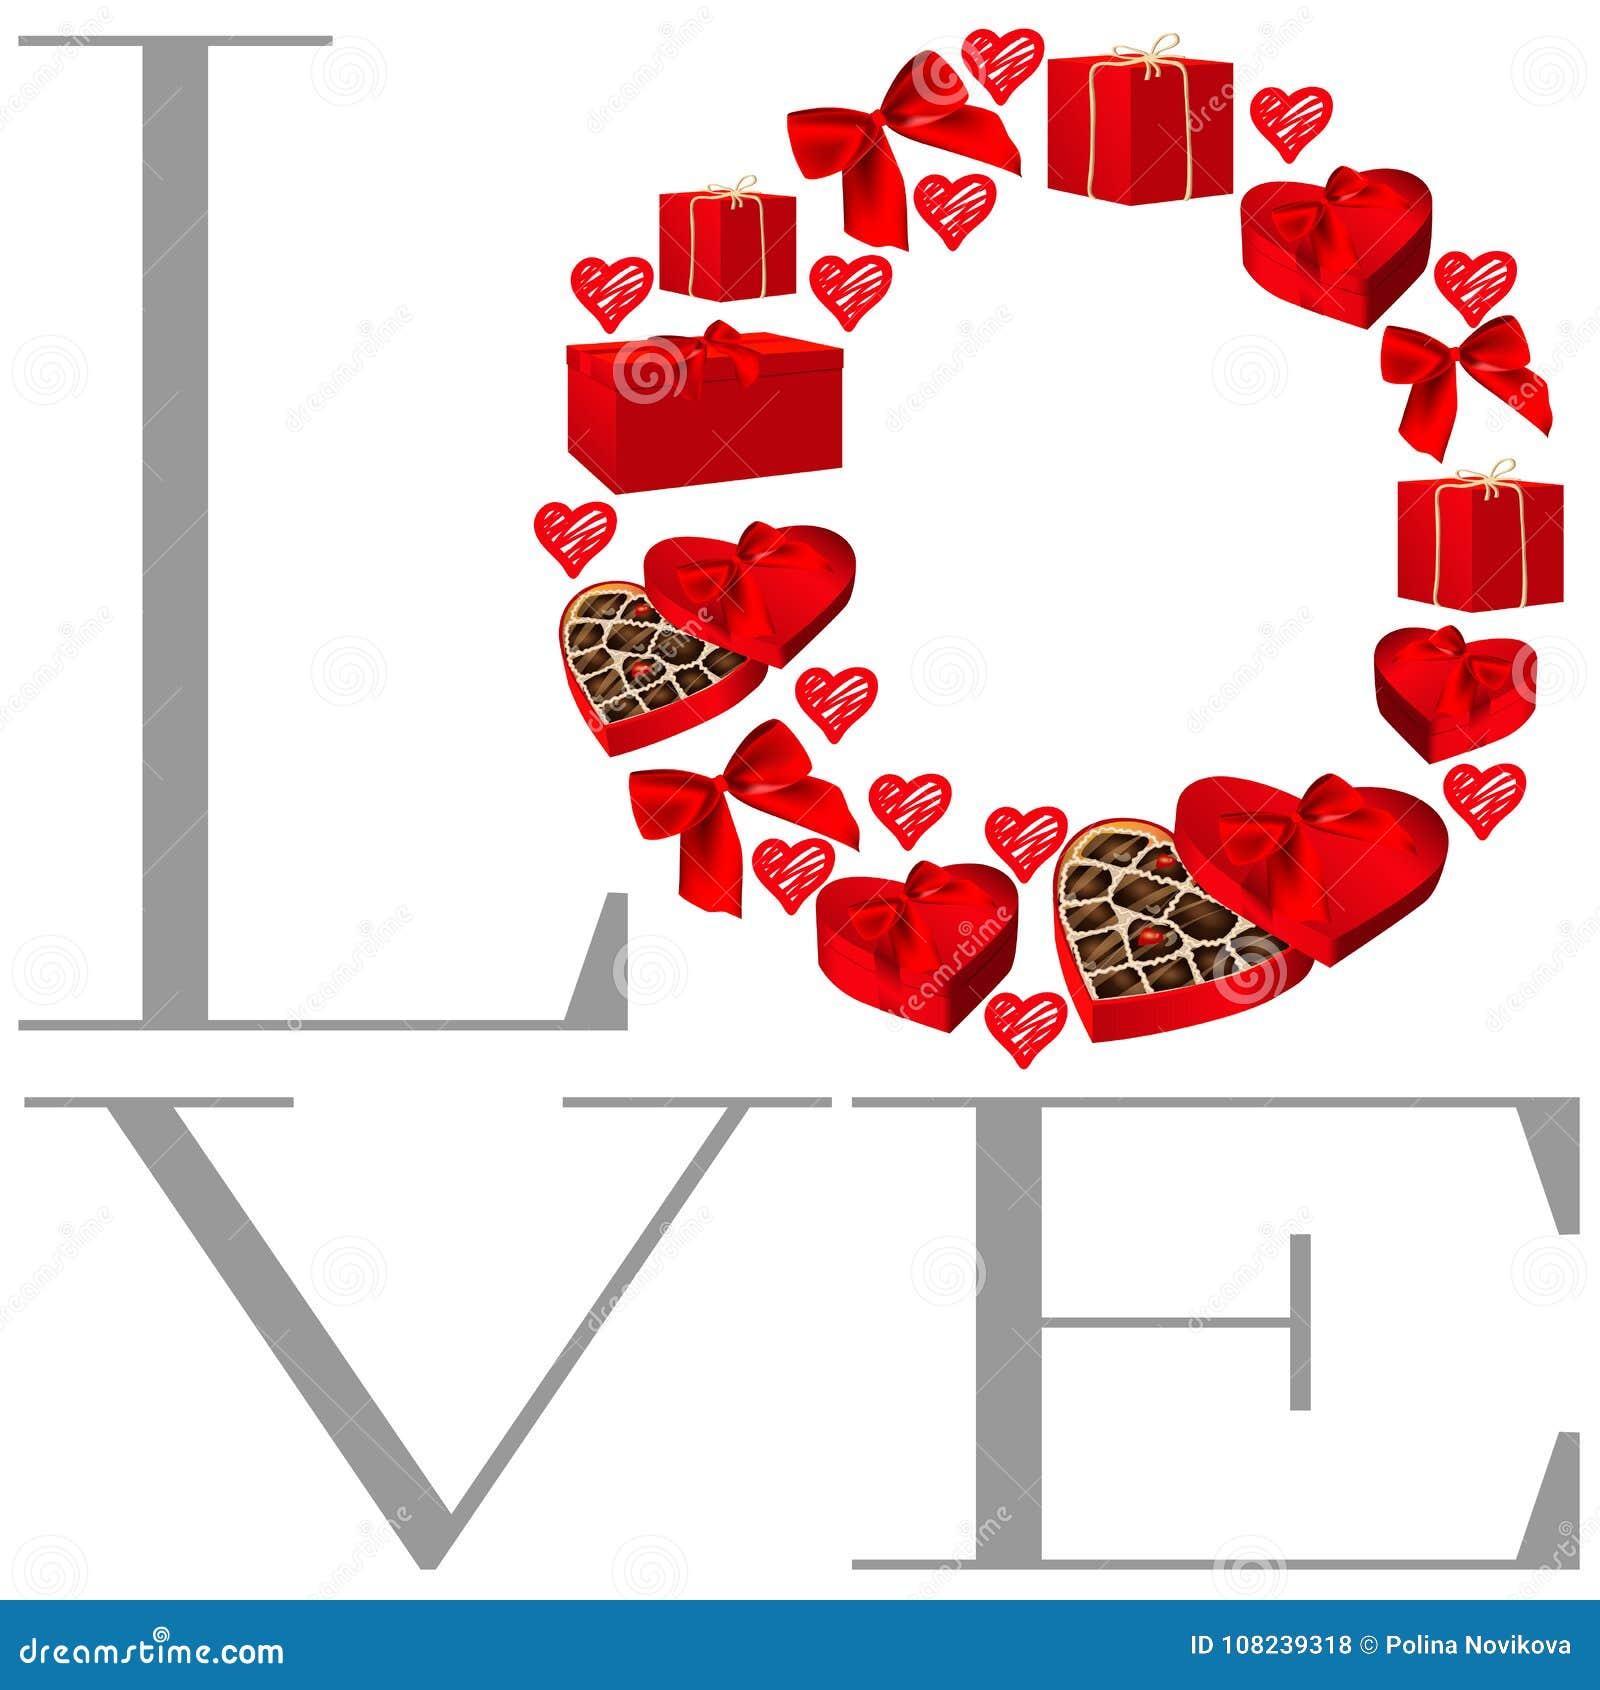 Περίκομψο στρογγυλό πλαίσιο για το σχέδιο καρτών βαλεντίνων Το πλαίσιο από τα κιβώτια, τις καρδιές, τα τόξα και την καρδιά δώρων